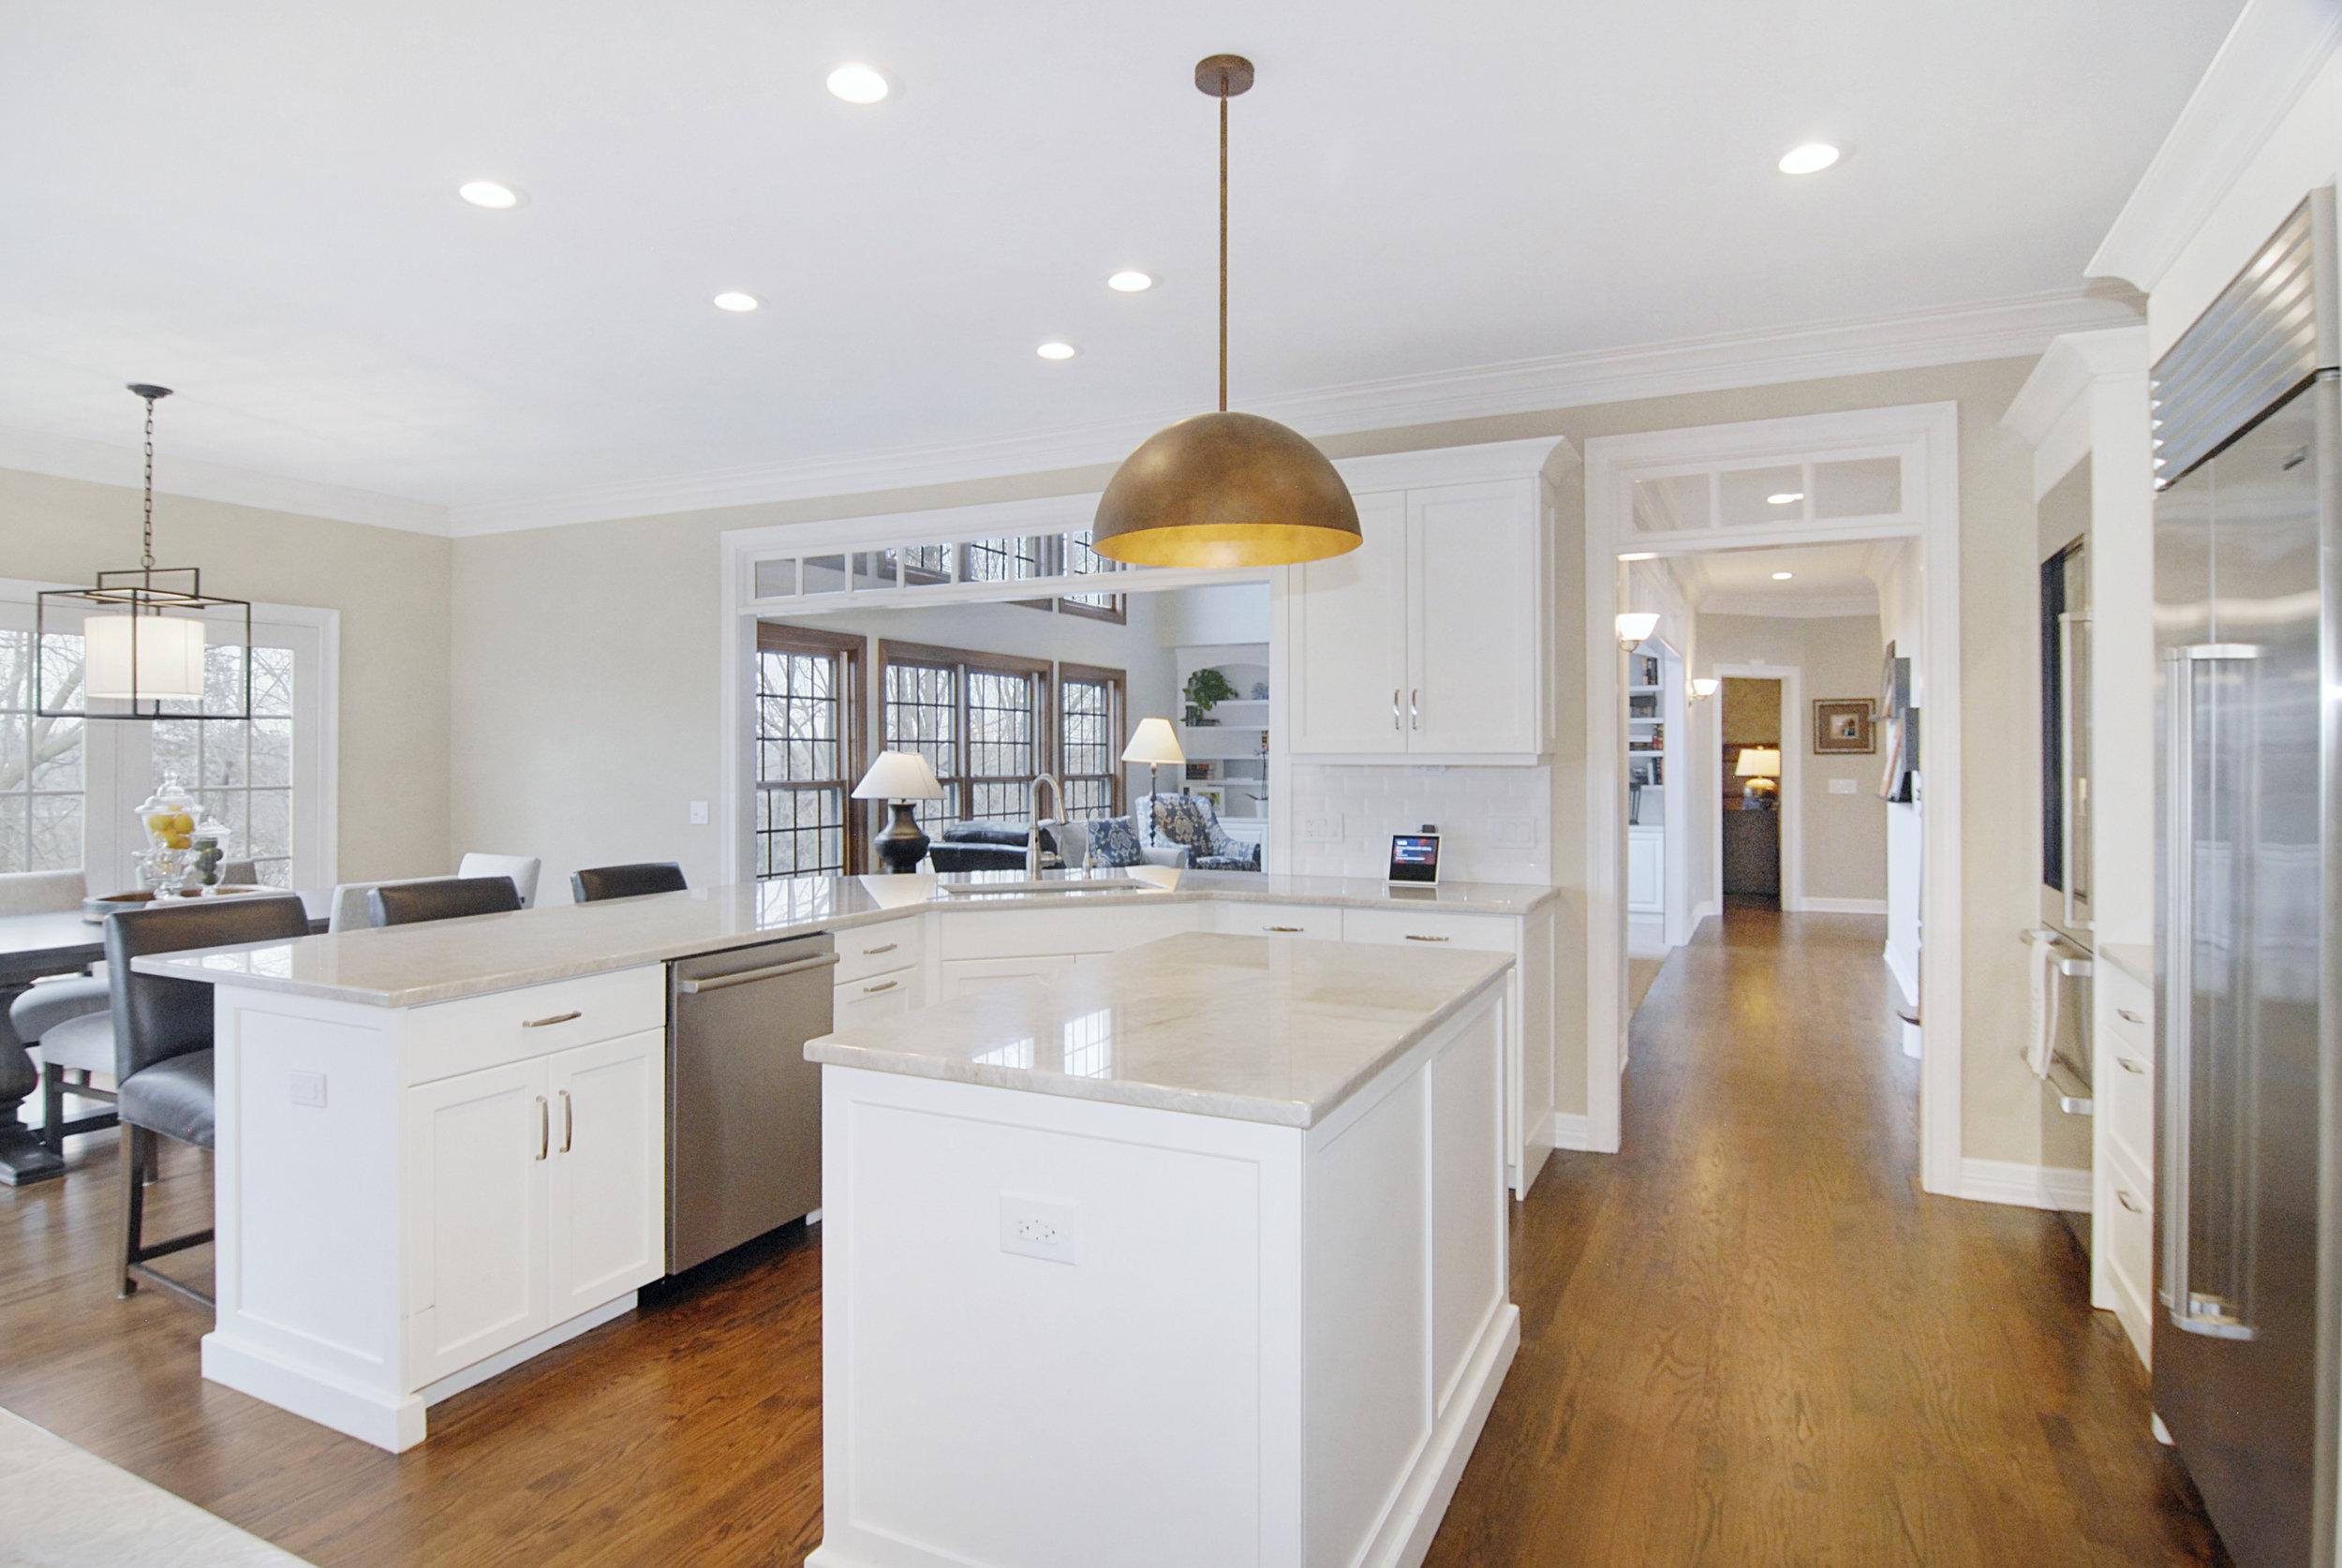 Hinsdale Kitchen & First Floor Kitchen Remodel